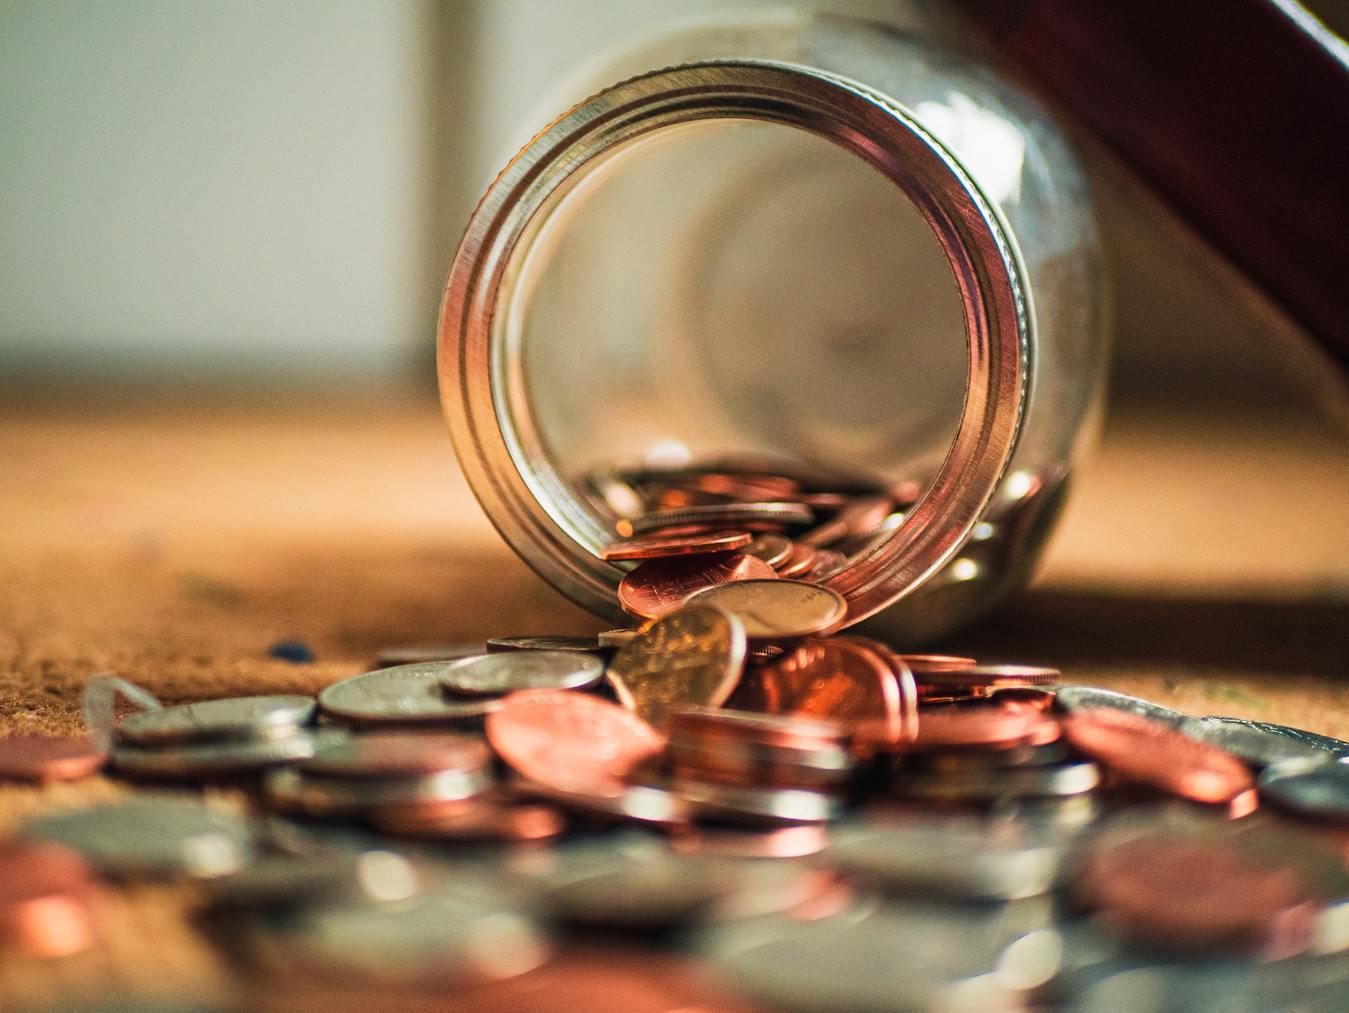 Ein Glas, das Münzen verschüttet